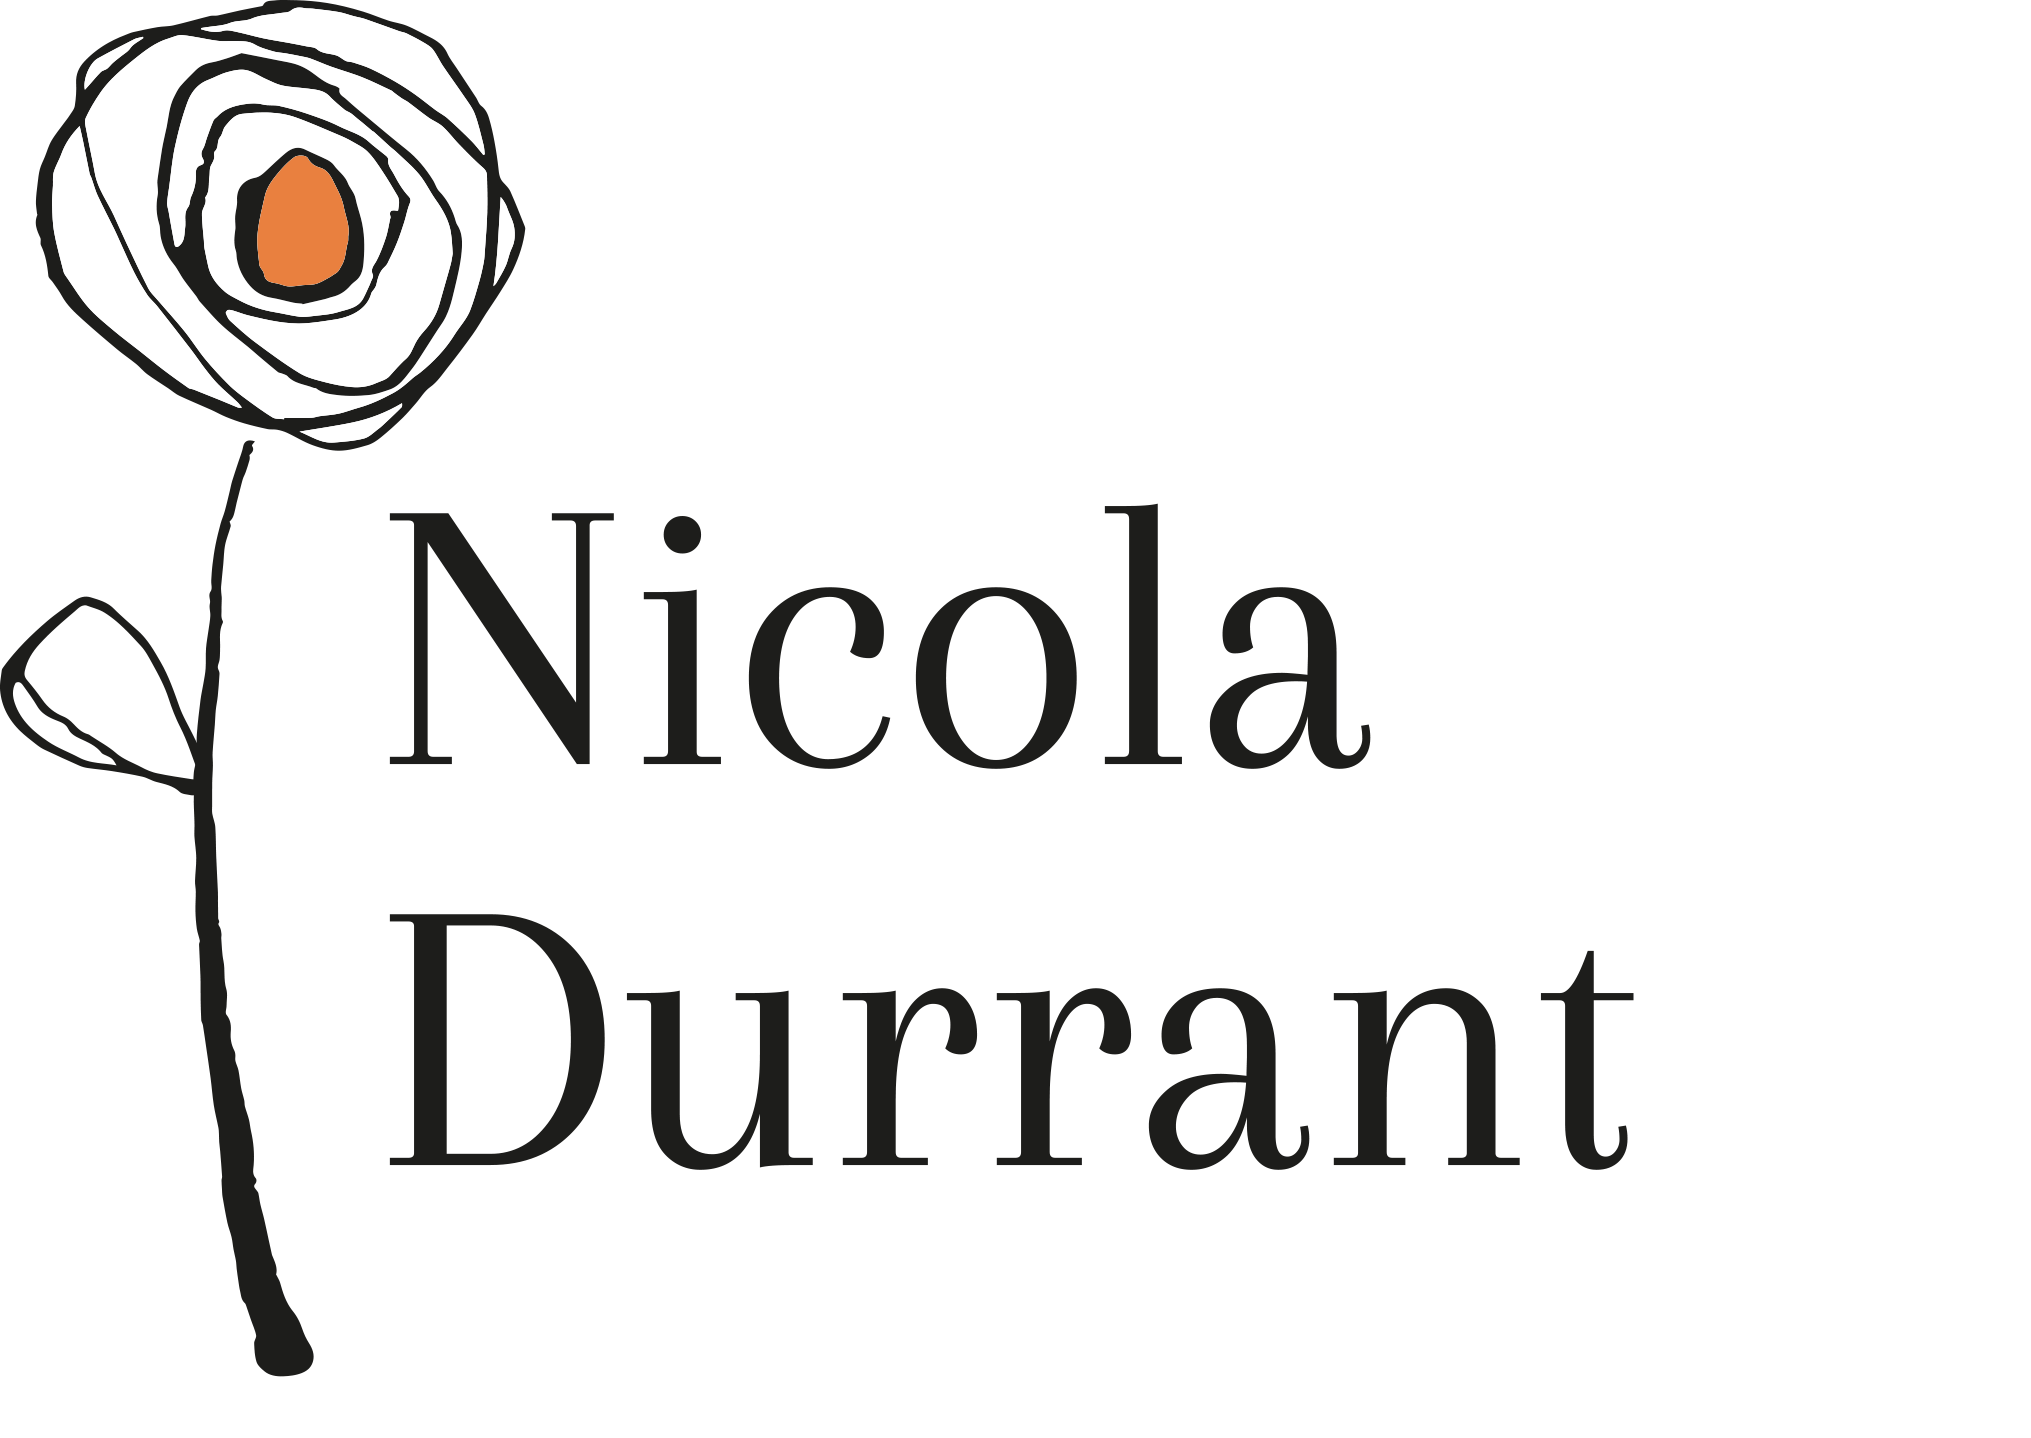 Nicola Durrant